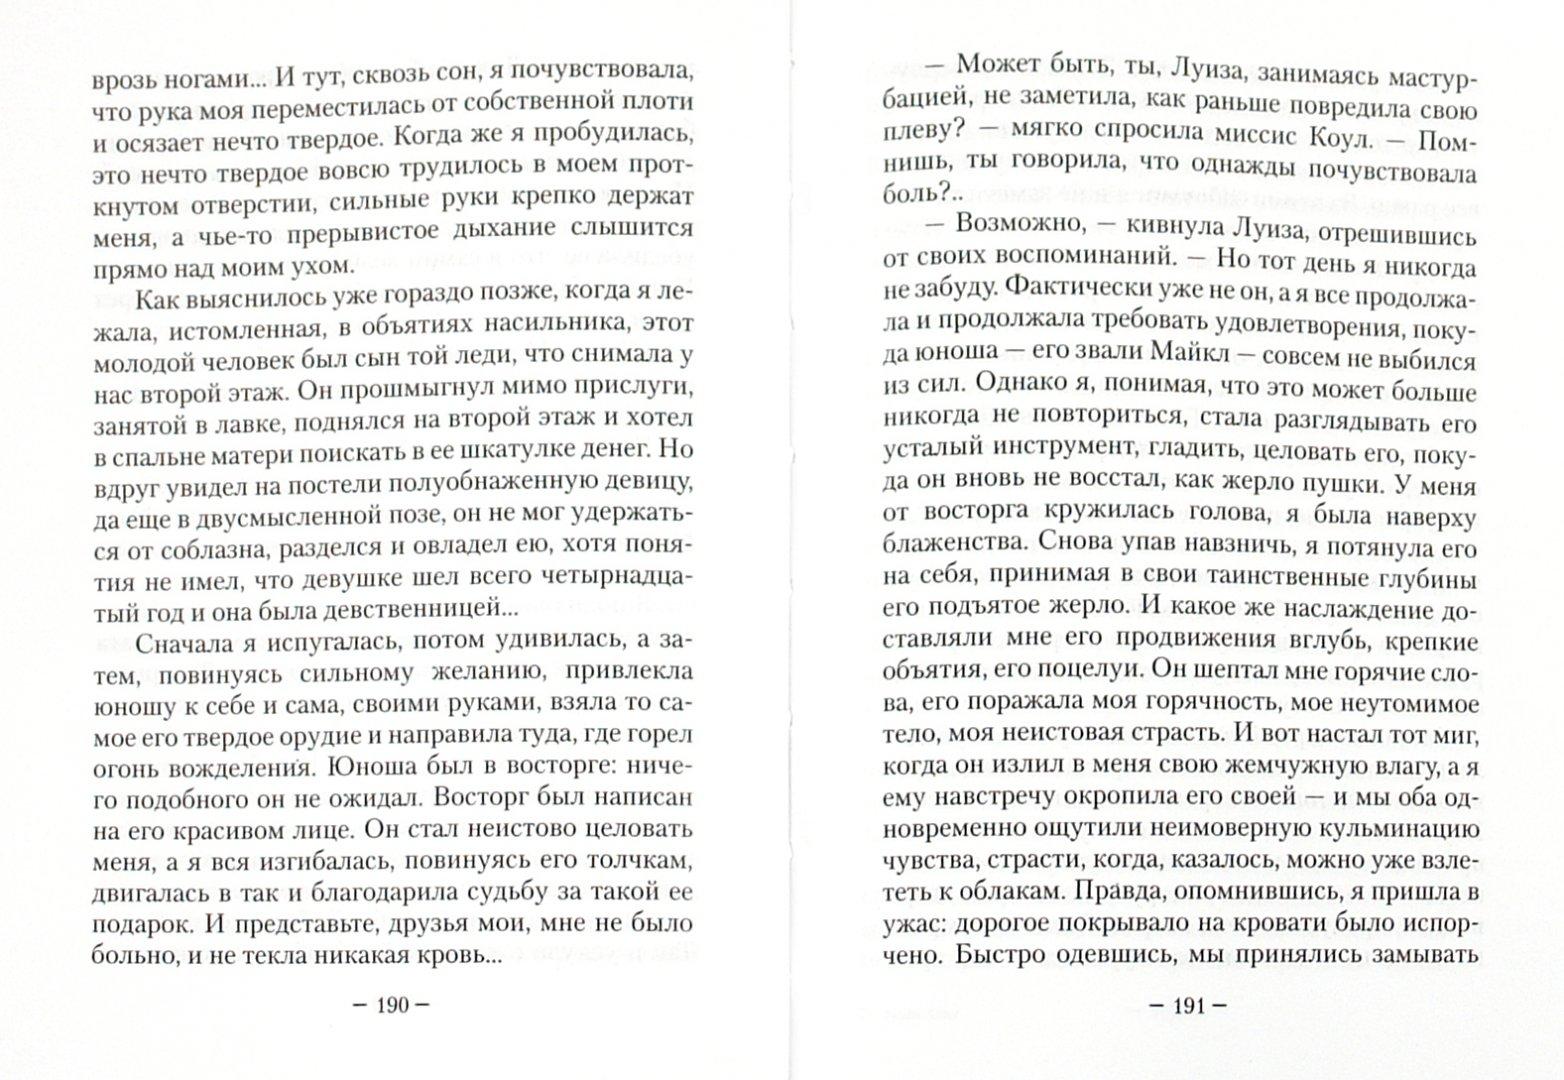 Иллюстрация 1 из 20 для Фанни Хилл. Мемуары женщины для утех - Джон Клеланд | Лабиринт - книги. Источник: Лабиринт